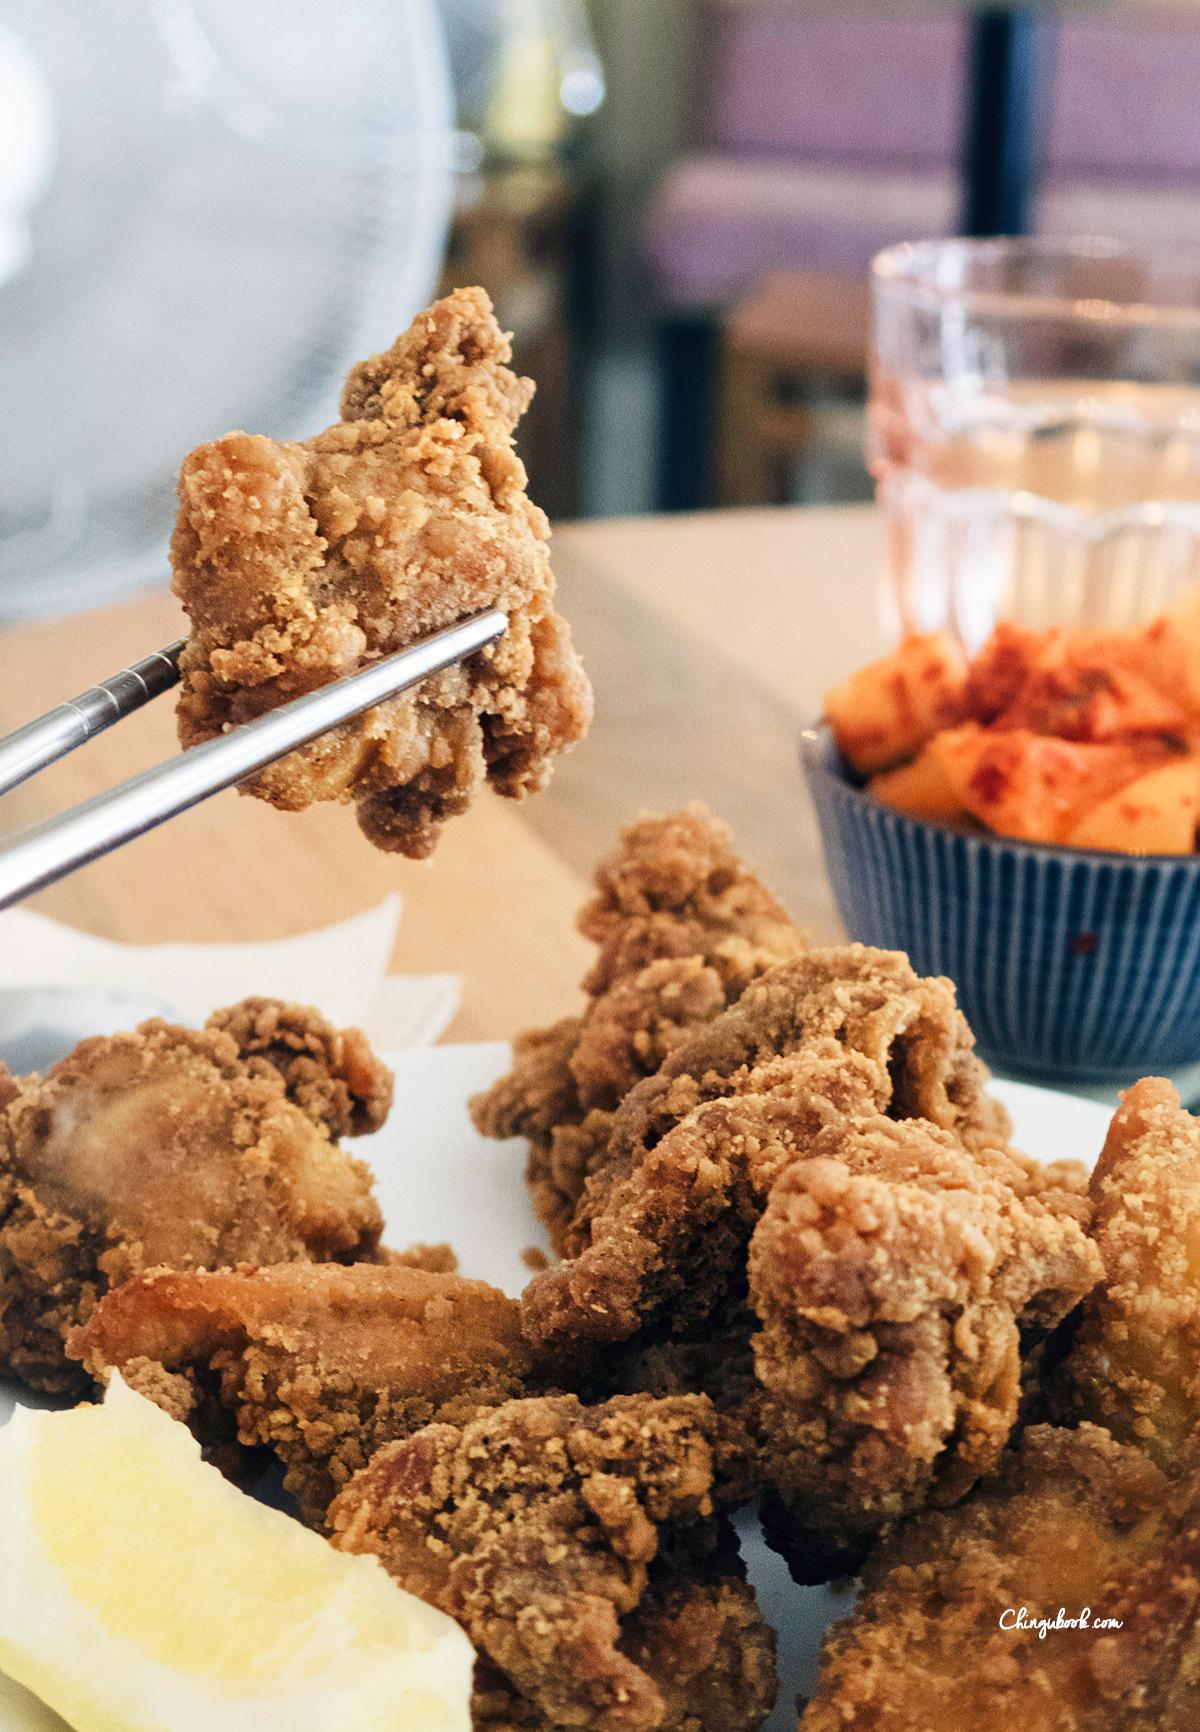 poulet frit coréen paris